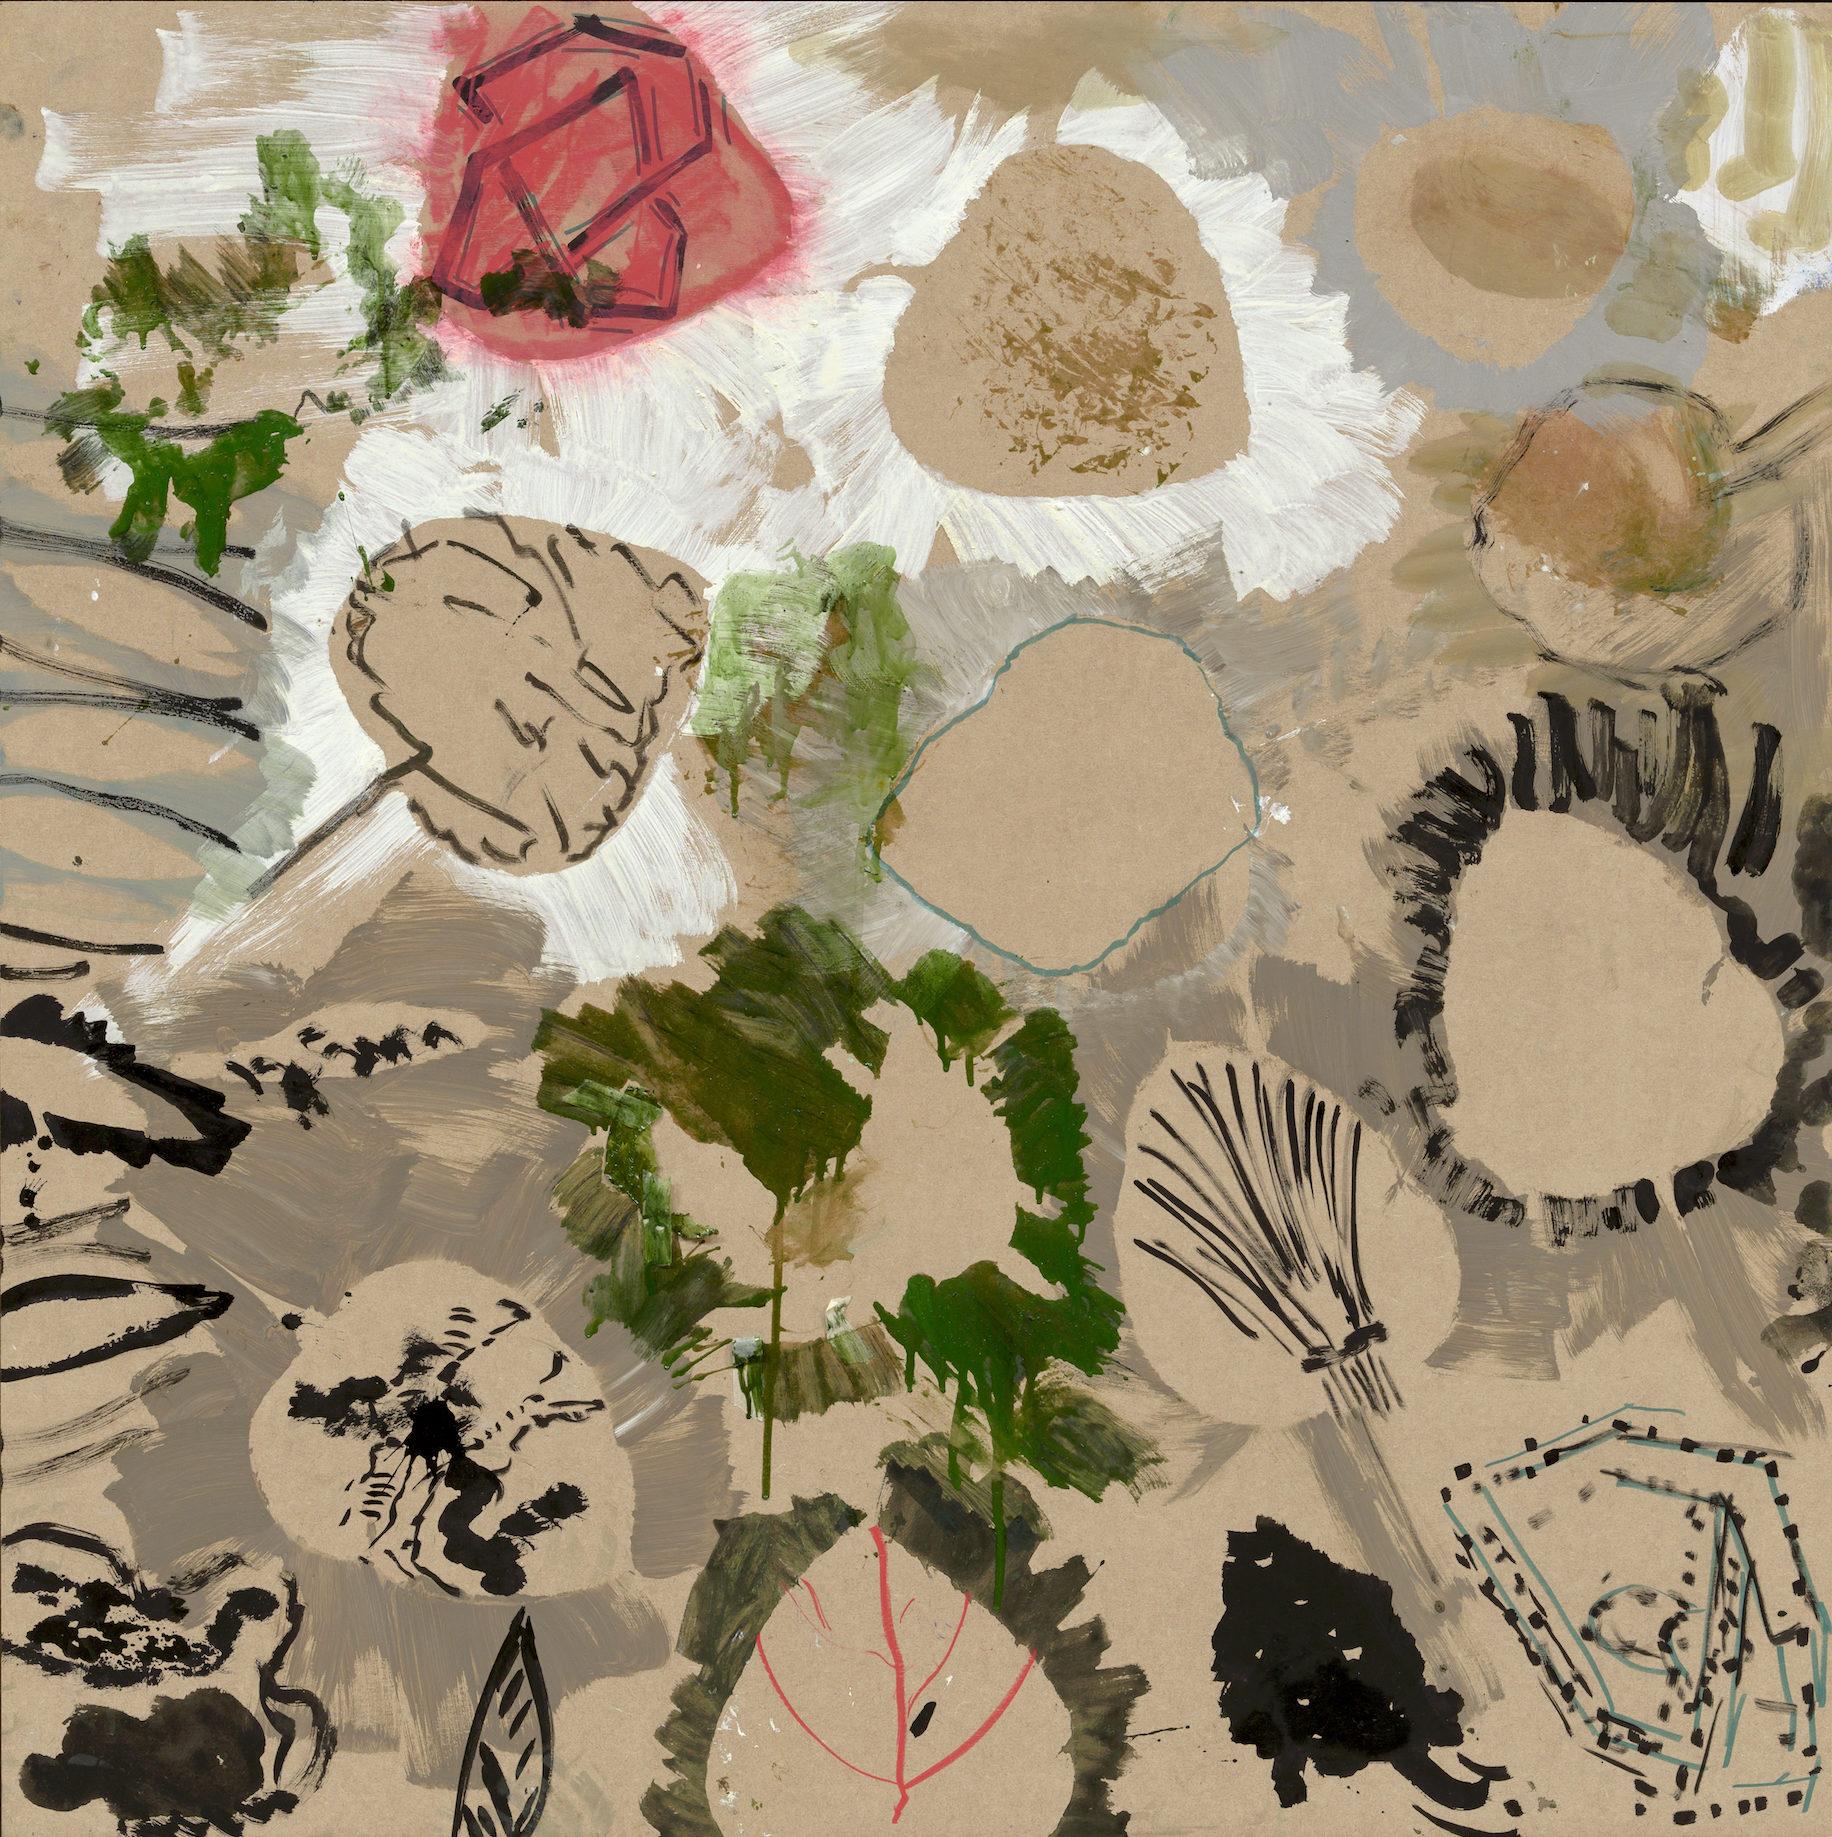 Reinhard Pods, Ohne Titel, 2005, Oil on canvas, 230.6 x 164.8 cm